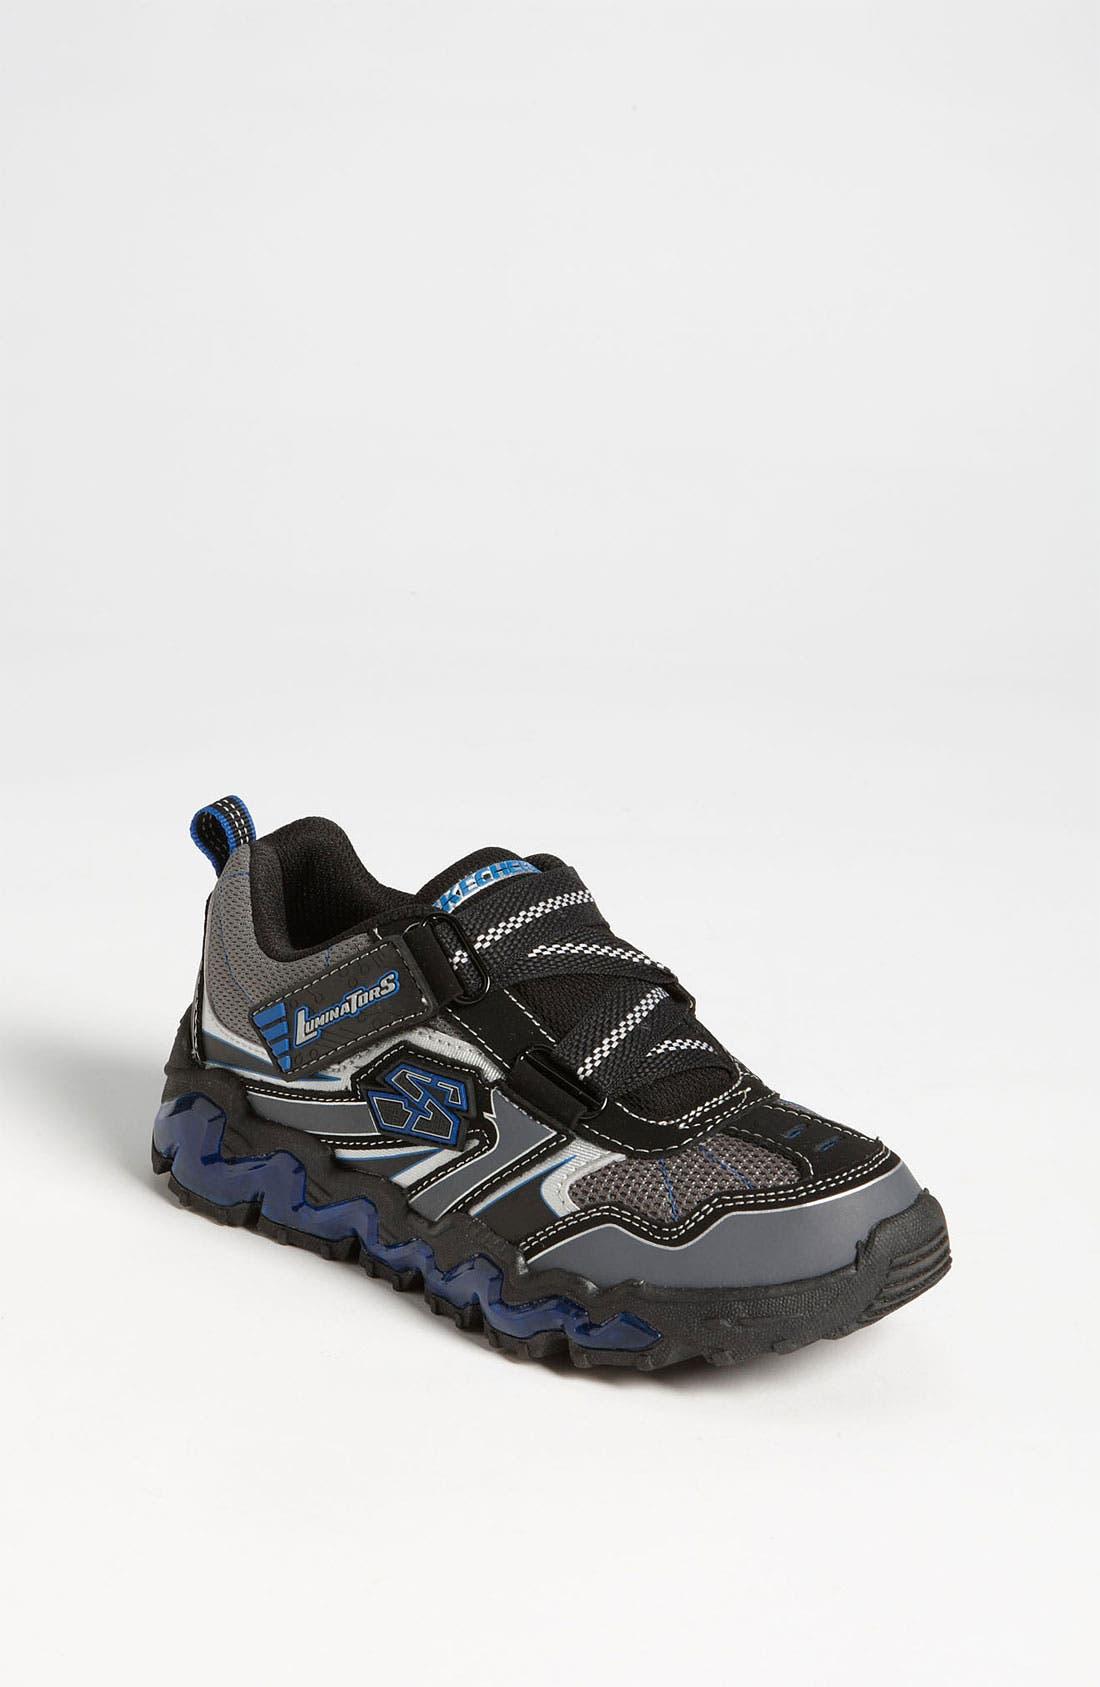 Main Image - SKECHERS 'Nova Wave' Light-Up Sneaker (Toddler & Little Kid)